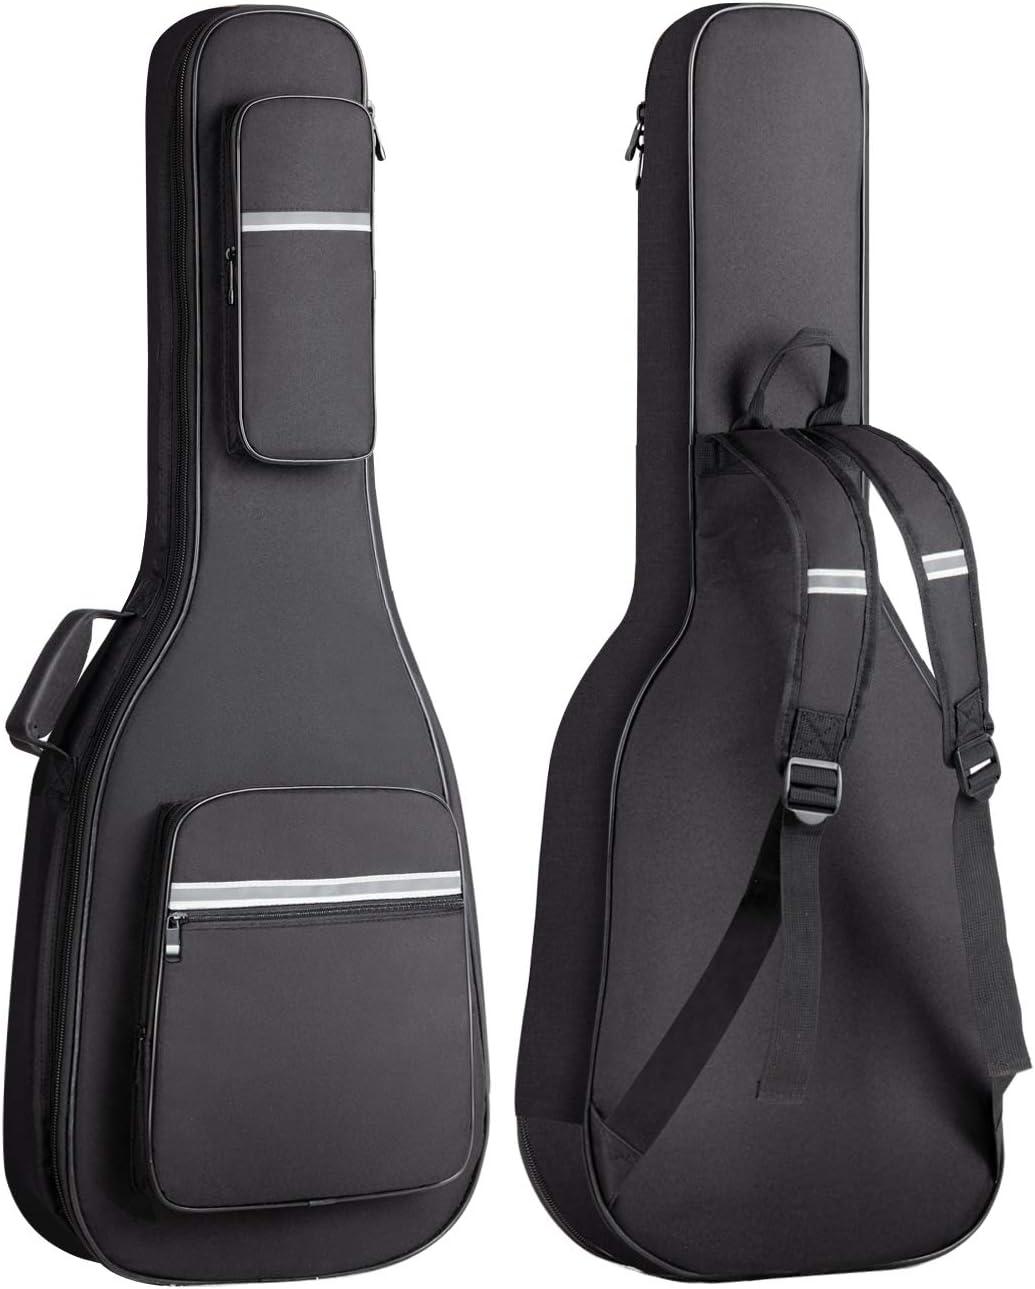 CAHAYA Bolsa Guitarra Electrica Acolchada 12mm Funda para Guitarra Electrica con 6 Bolsillos para Libros de Música y Accesorios con Diseño Reflectante